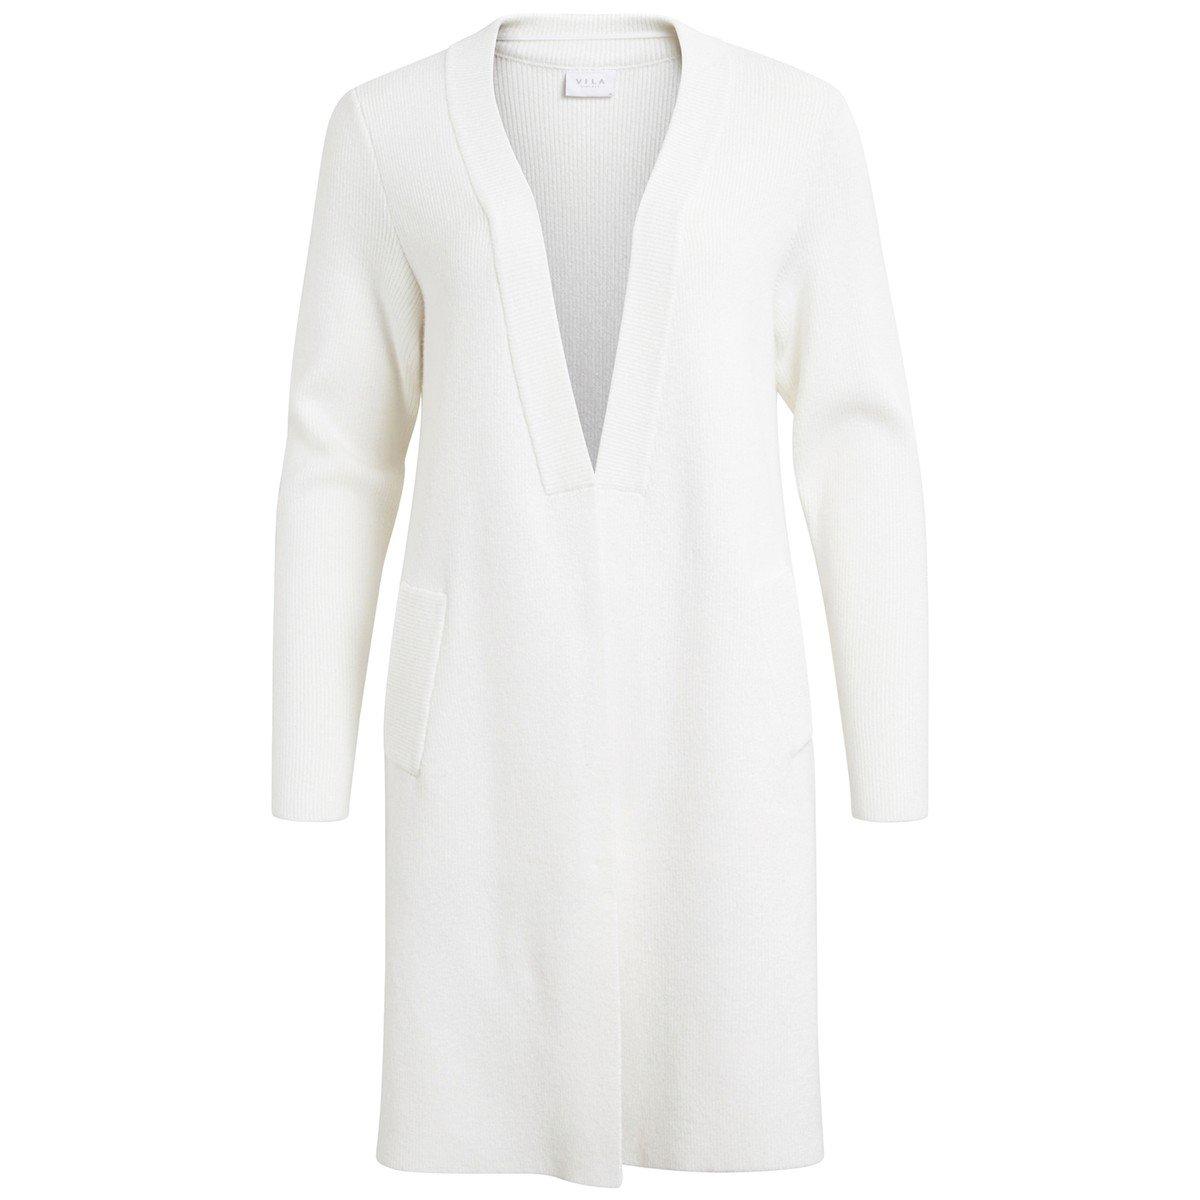 Vila Womens Jumper/Sweater Style Cardigan&Nbsp; Beige Size S by La Redoute